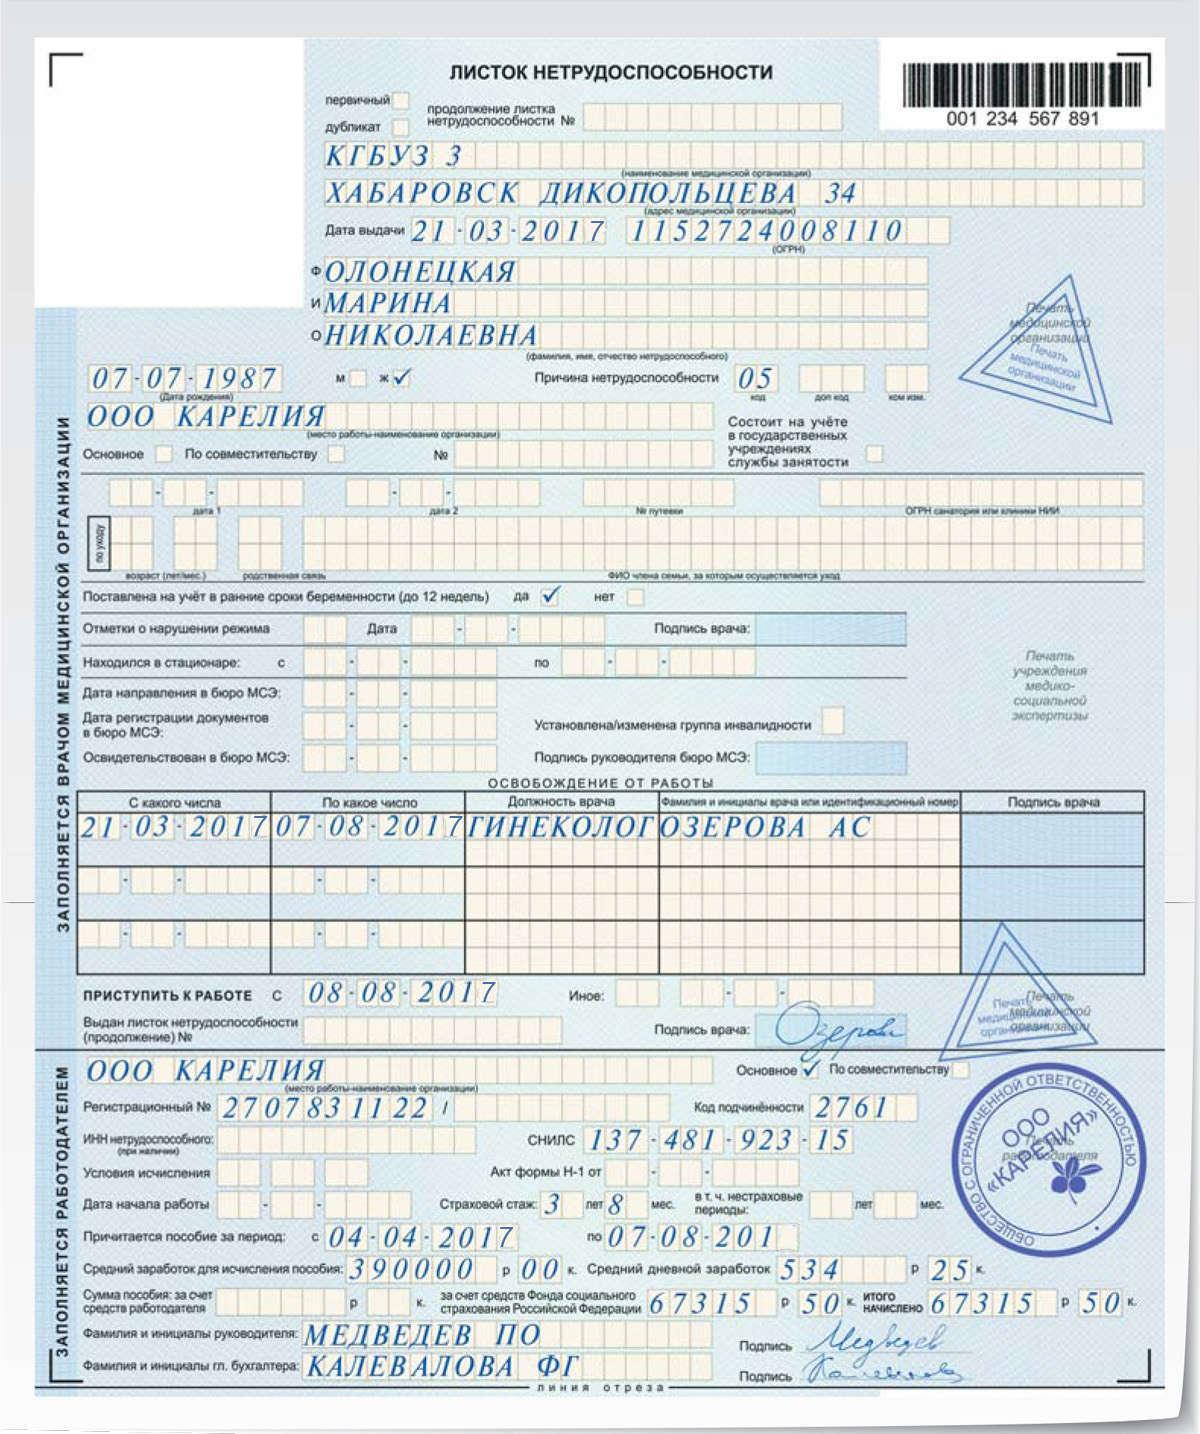 Больничный лист по беременности и родам при вмененке заявление на прикрепление к поликлинике образец заполнения москва